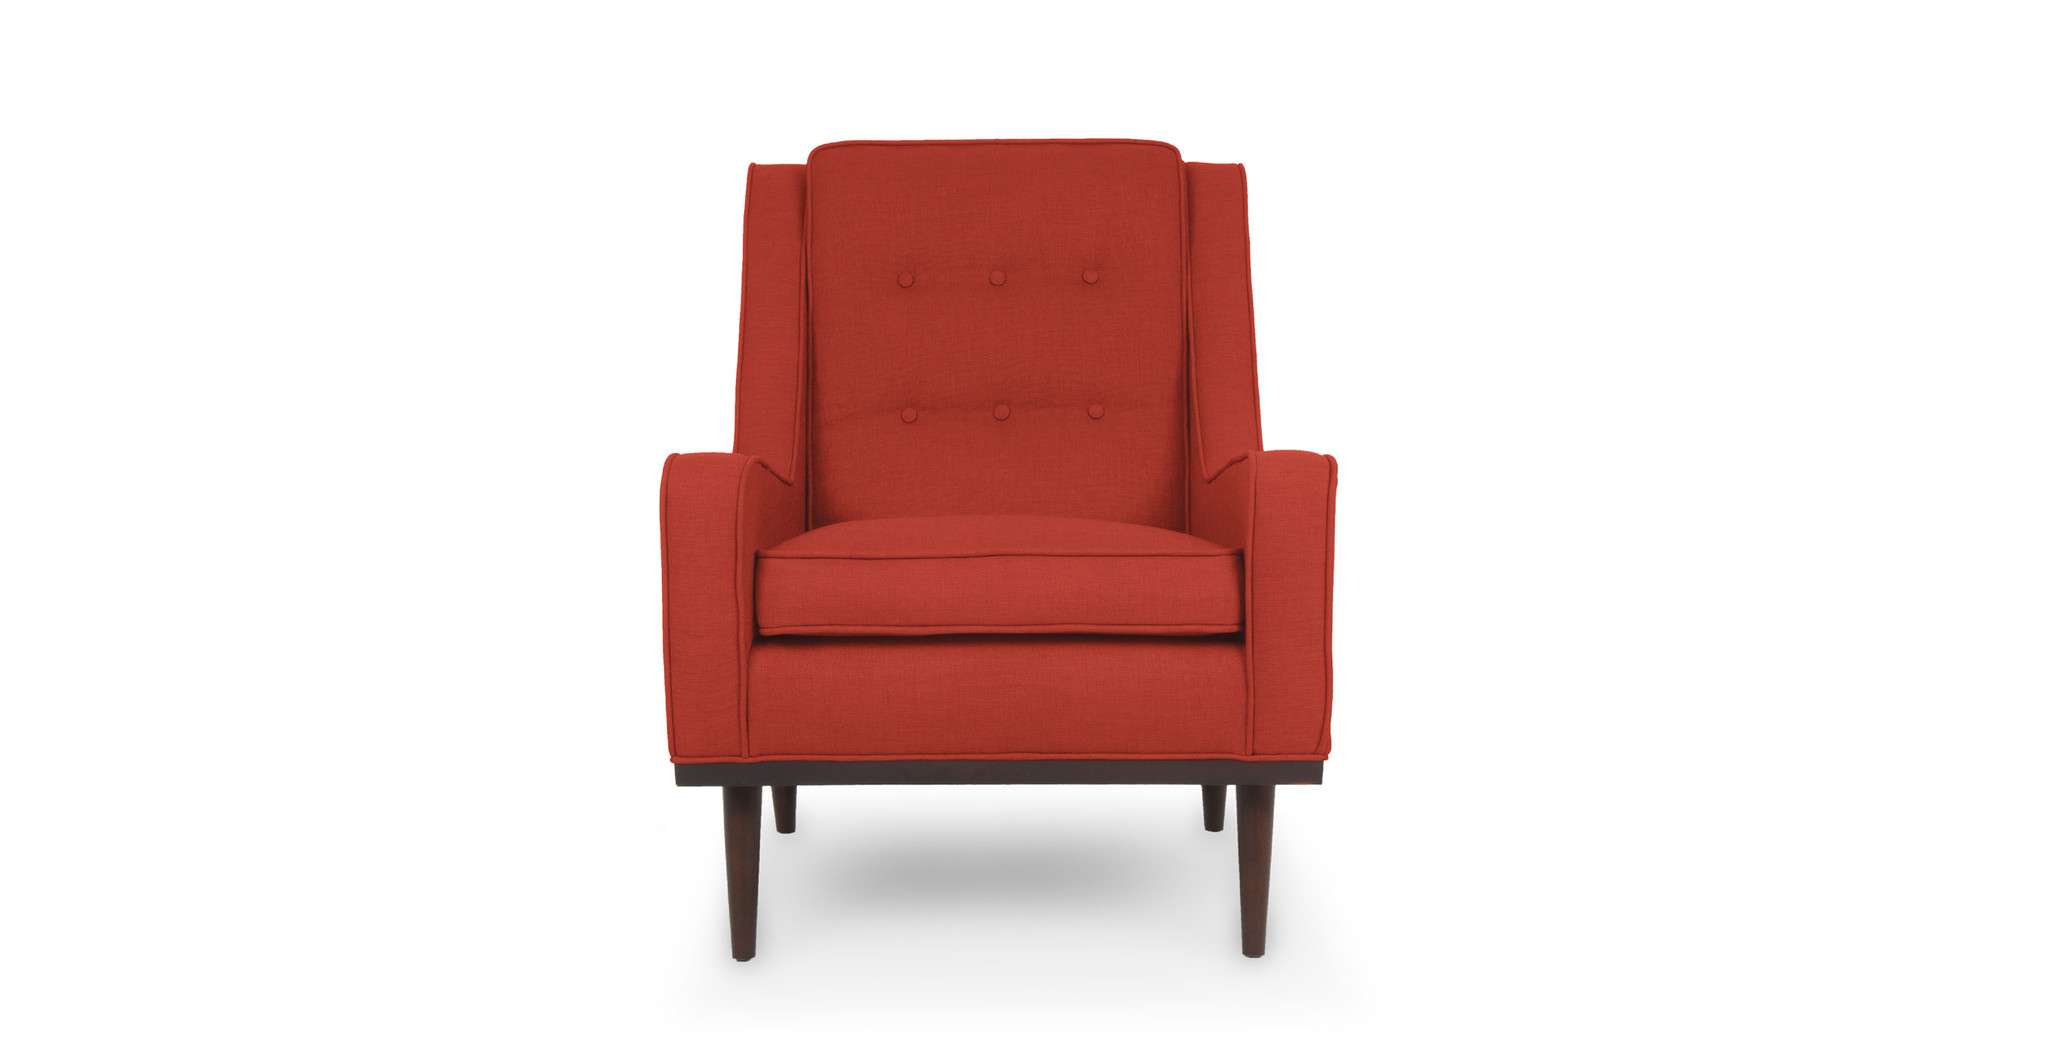 Кресло БоумэнИнтерьерные кресла<br>Дизайн кресла &amp;quot;Боумэн&amp;quot; был создан американским дизайнером Майло Боумэном (Milo Baughman)<br>в 1959 году.<br>Предметы Майло Боумэна нередко опережали время. Оставаясь доступными и непретенциозными, они всегда были особенными. <br>Современные дизайнеры мебели продолжают копировать и воссоздавать его идеи. <br>Кресло &amp;quot;Боумэн&amp;quot; это прикосновение высокого класса.&amp;lt;div&amp;gt;&amp;lt;br&amp;gt;&amp;lt;div&amp;gt;Основание и ножки: массив дуба&amp;amp;nbsp;&amp;lt;/div&amp;gt;&amp;lt;div&amp;gt;Наполнение: полиуретан&amp;amp;nbsp;&amp;lt;/div&amp;gt;&amp;lt;div&amp;gt;Обивка: ткань категорий basic и edition&amp;amp;nbsp;&amp;lt;/div&amp;gt;&amp;lt;div&amp;gt;Спинка с точечной стяжной&amp;amp;nbsp;&amp;lt;/div&amp;gt;&amp;lt;div&amp;gt;Съемные подушки сиденья&amp;lt;/div&amp;gt;&amp;lt;/div&amp;gt;<br><br>Material: Текстиль<br>Ширина см: 69<br>Высота см: 91<br>Глубина см: 91